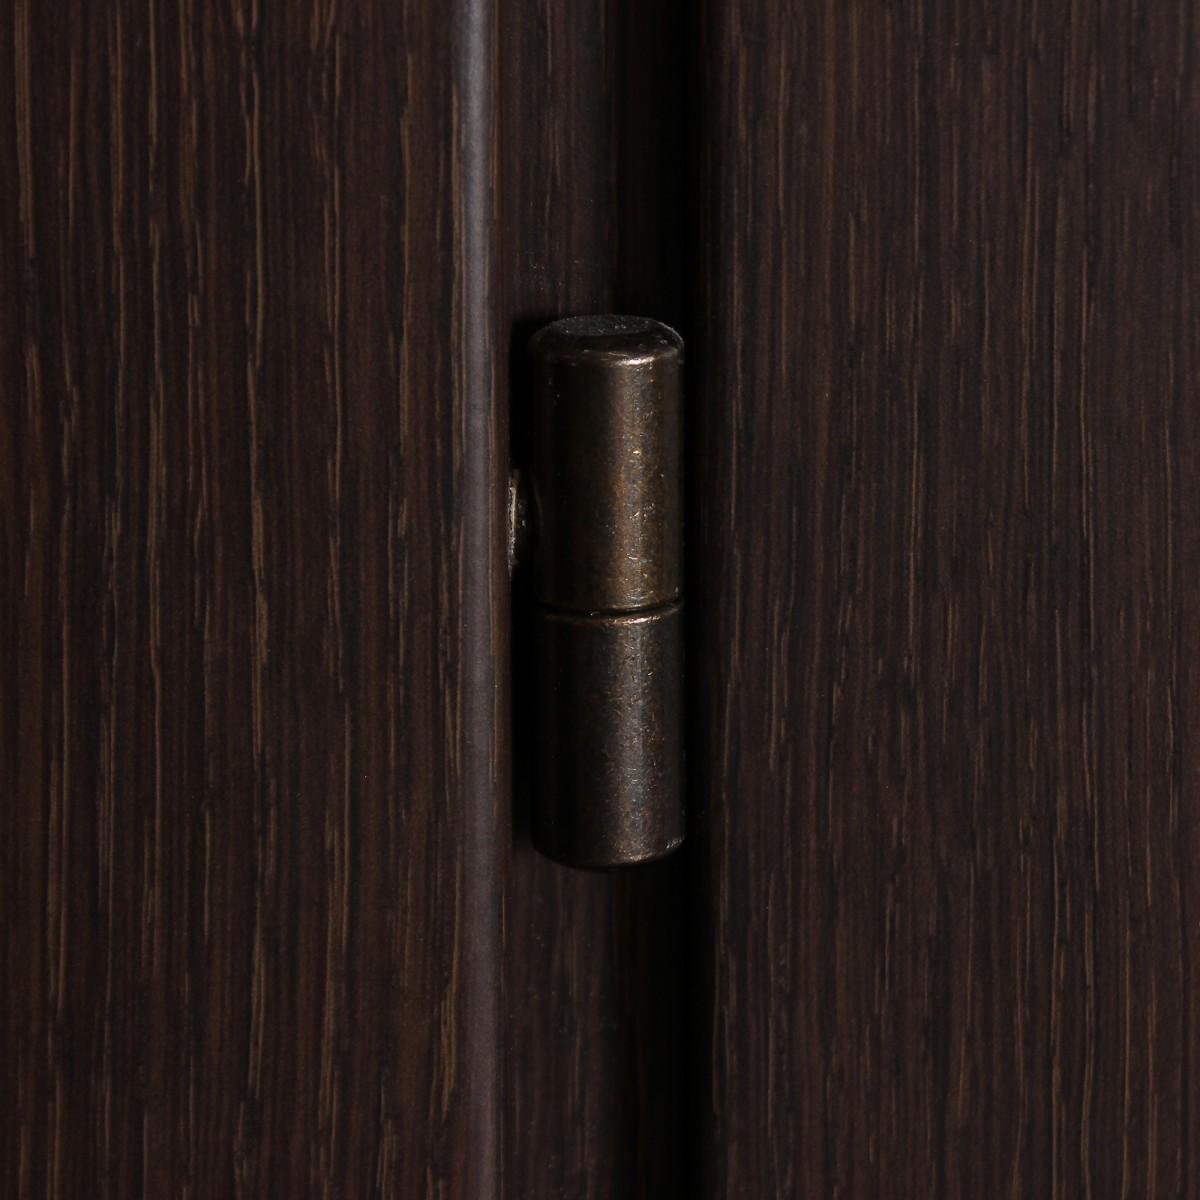 Дверь Межкомнатная Остеклённая Конкорд Cpl 80x200 Цвет Черный Дуб